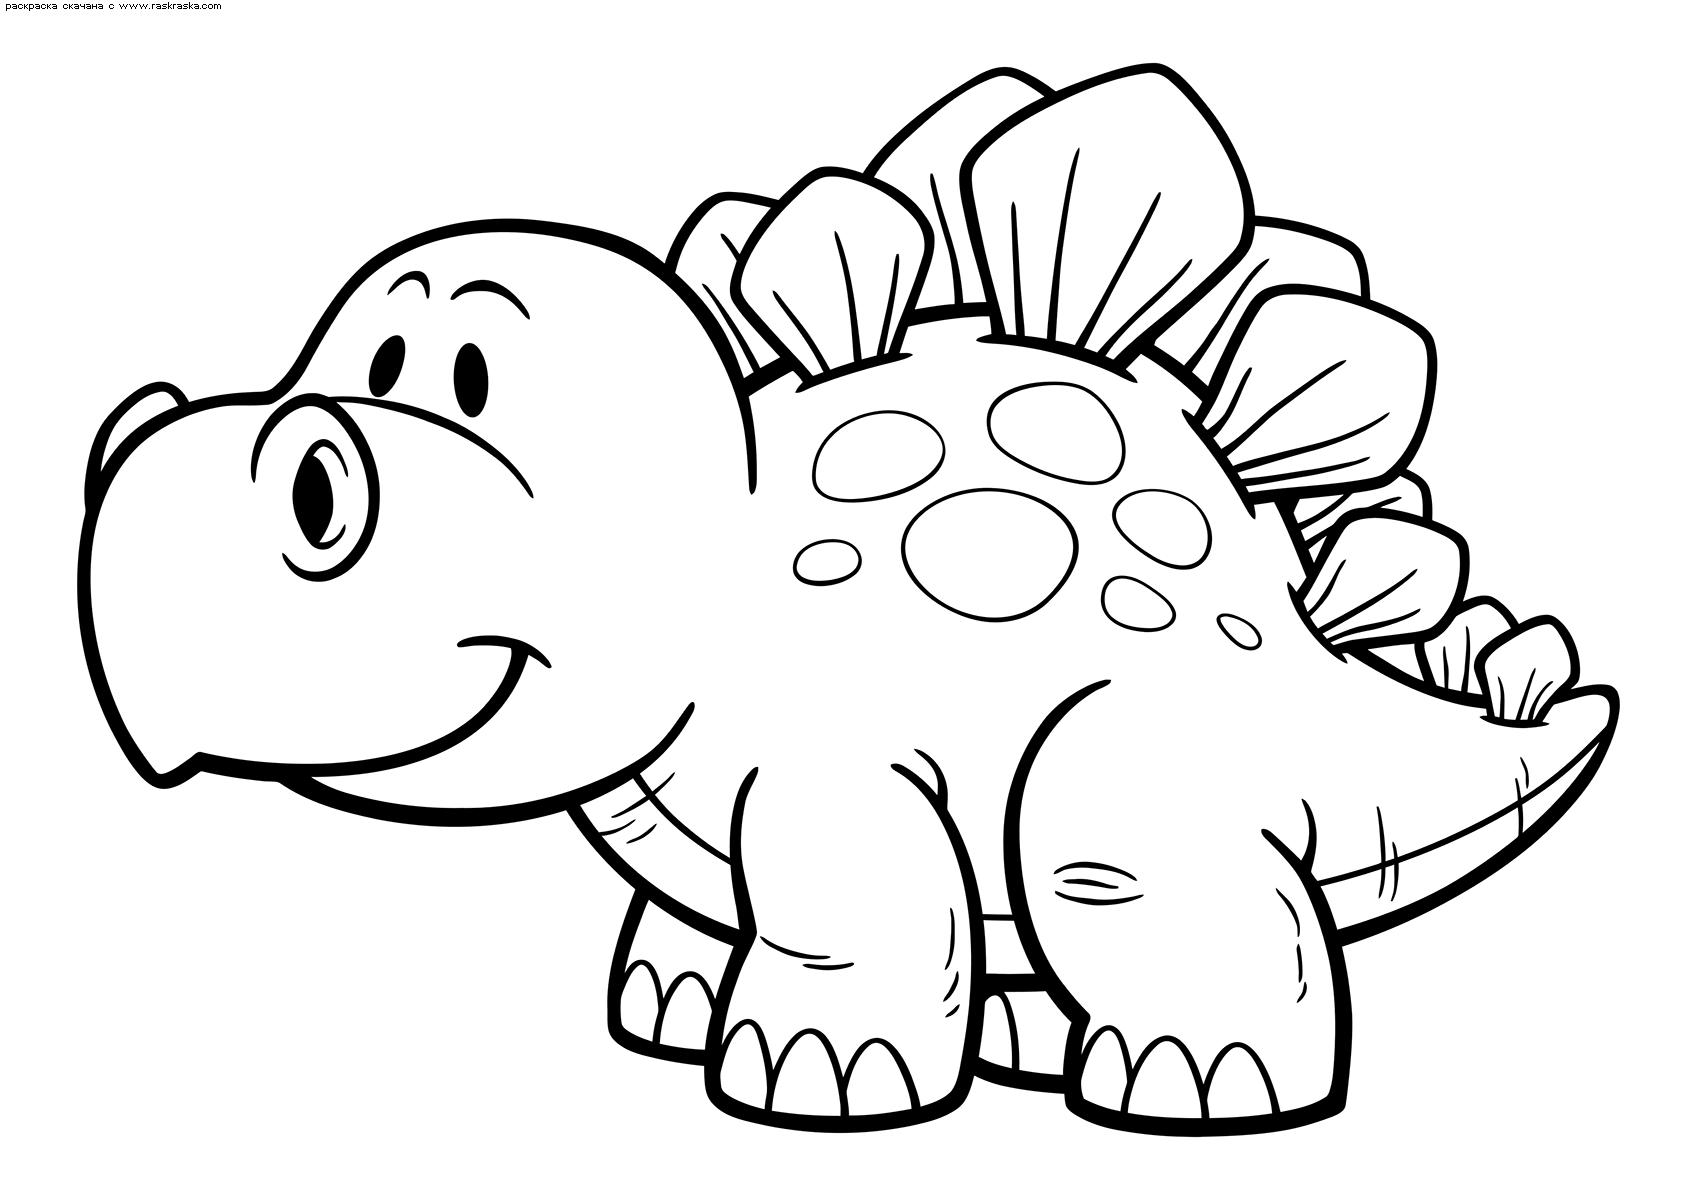 Раскраска Малыш стегозавр | Раскраски с динозавриками для ...